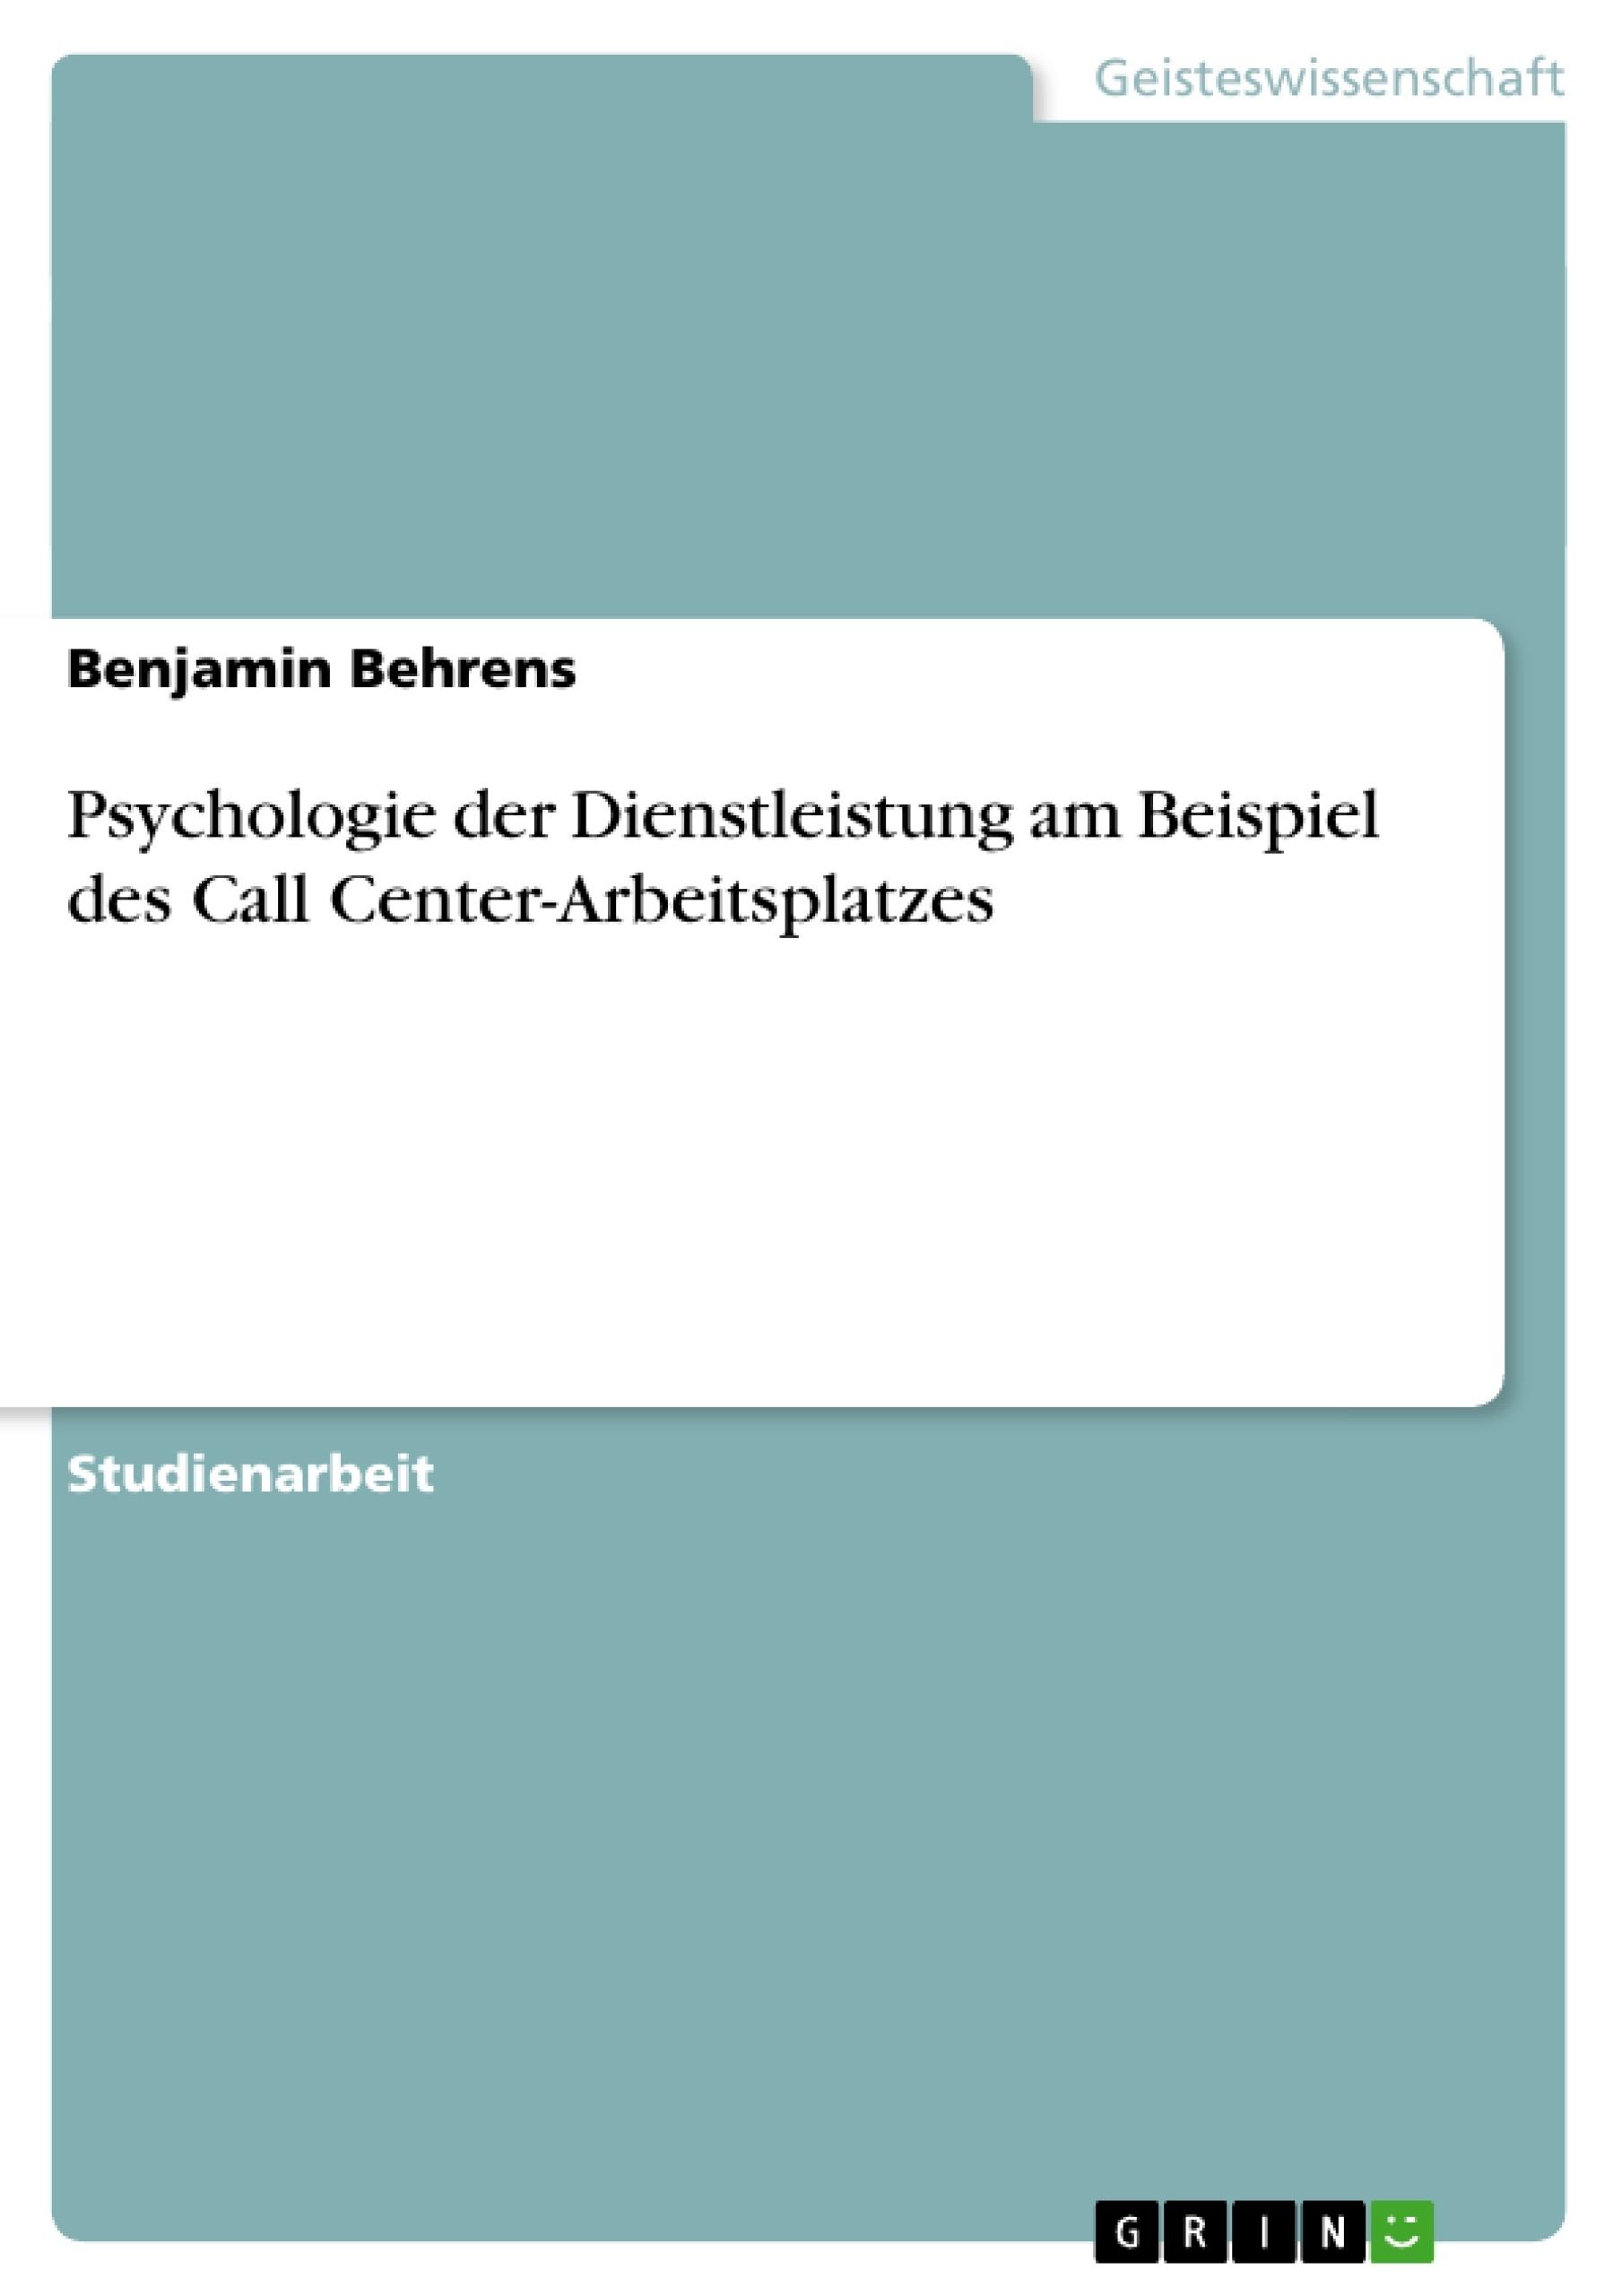 Titel: Psychologie der Dienstleistung am Beispiel des Call Center-Arbeitsplatzes